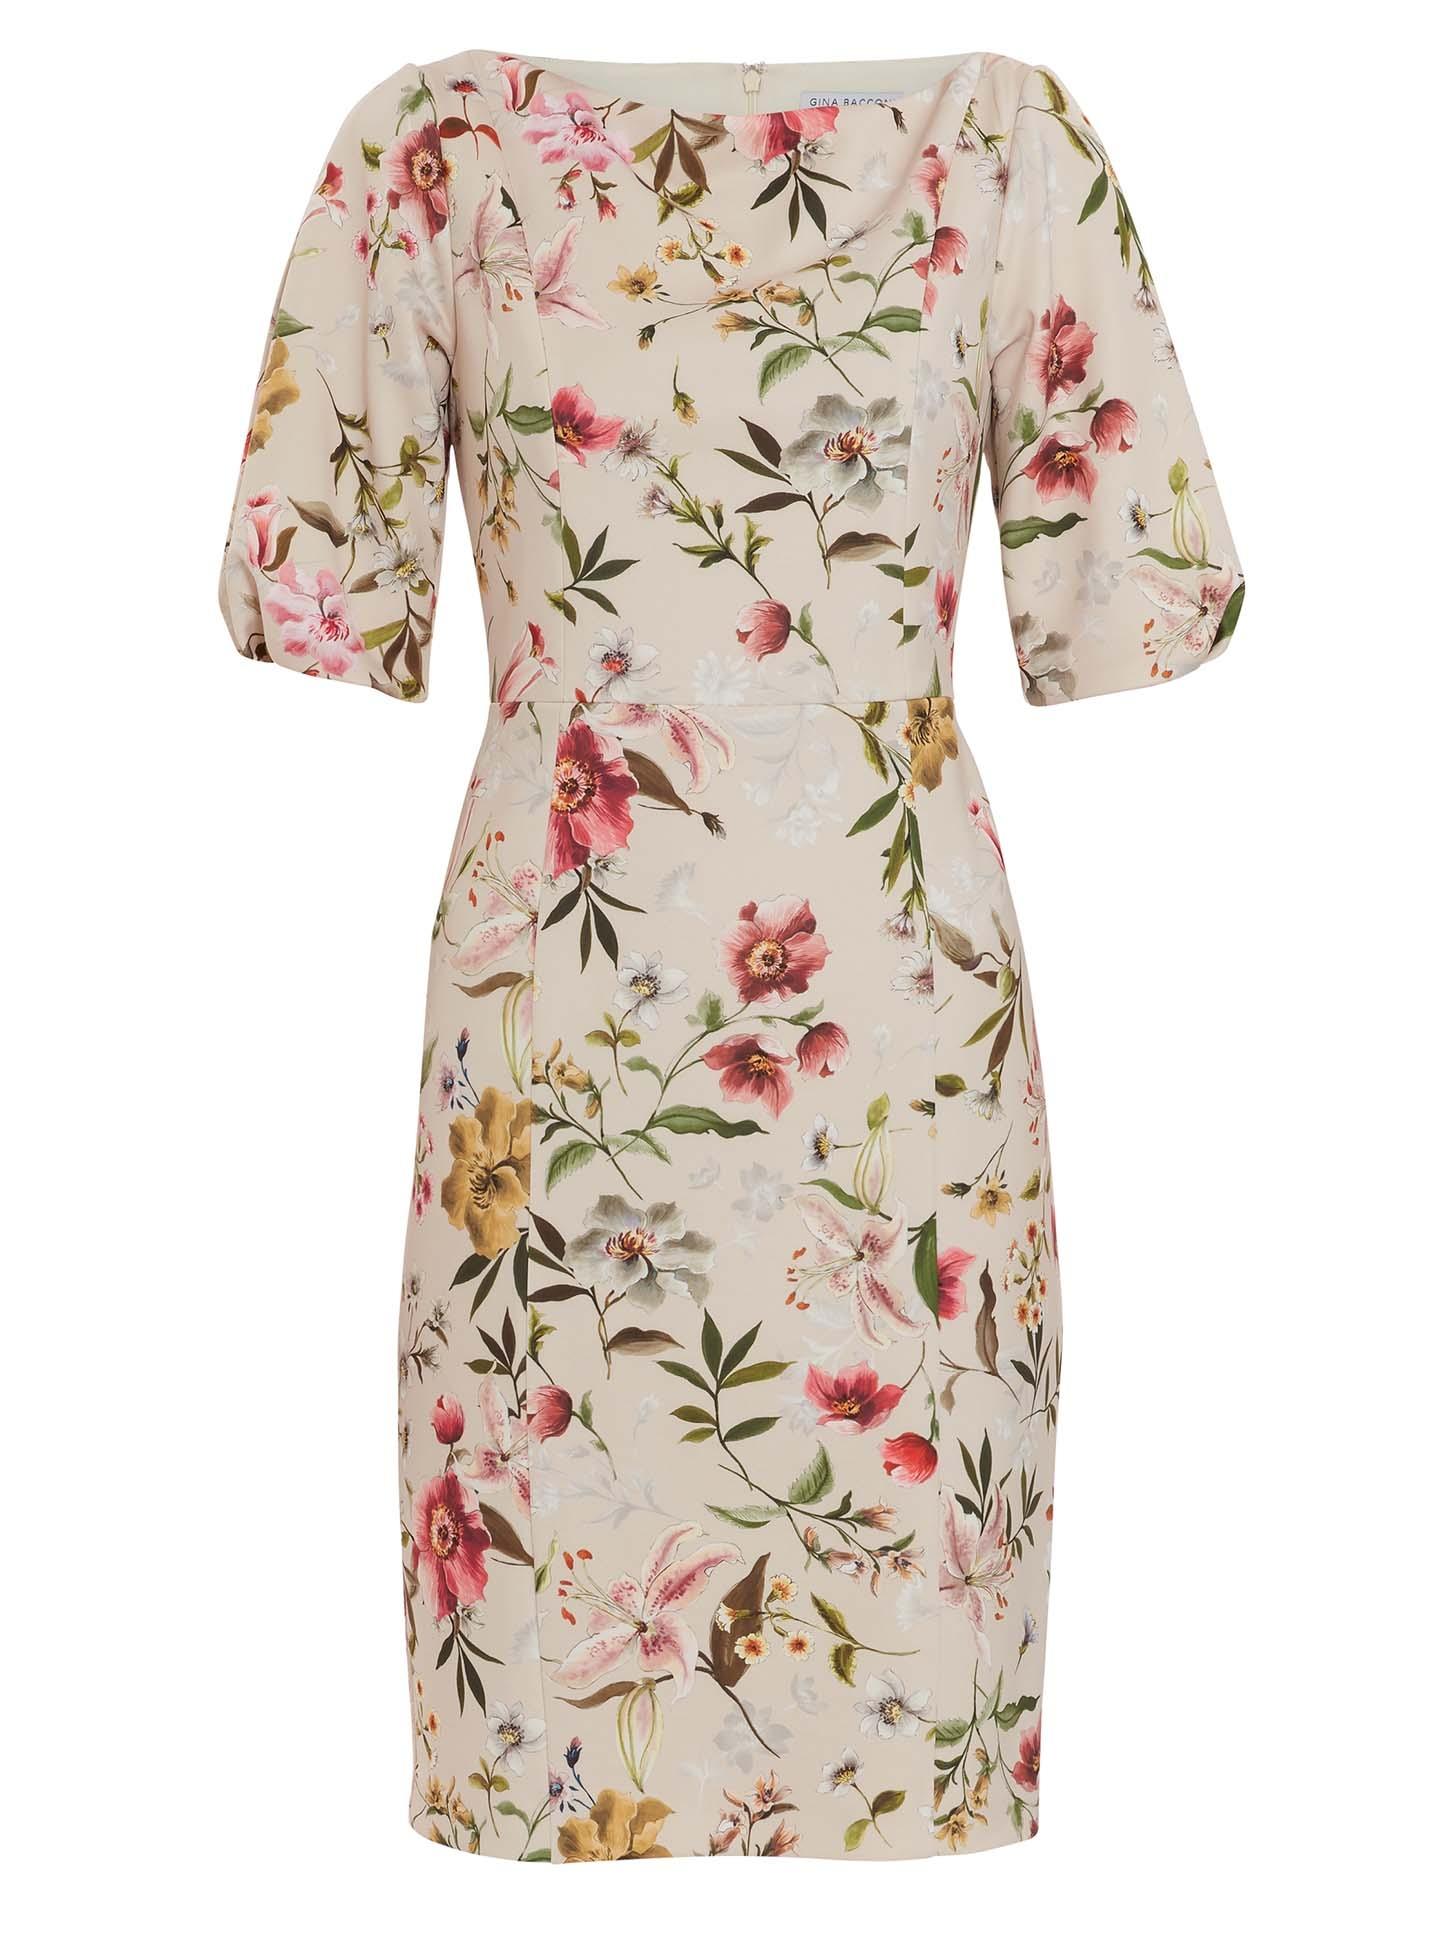 Matia Floral Scuba Dress